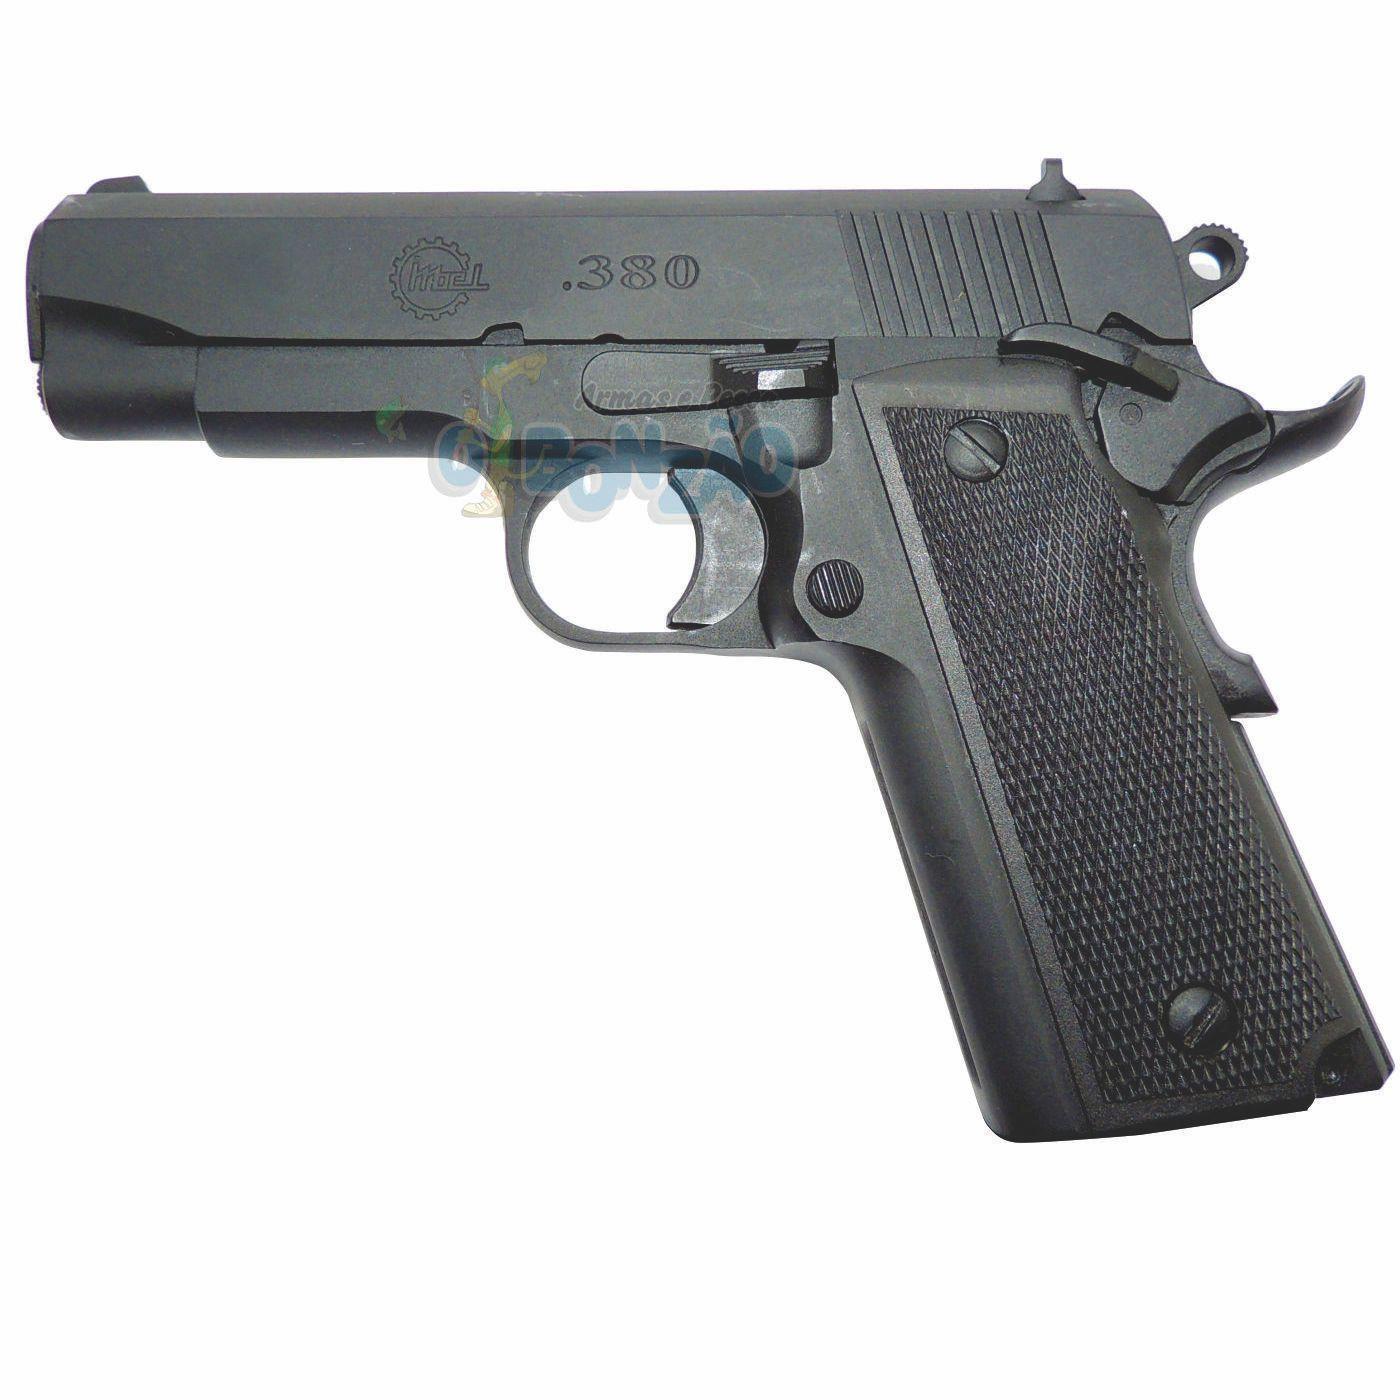 Pistola Imbel MD1N Cal .380 ACP 9+1 Tiros Oxidada